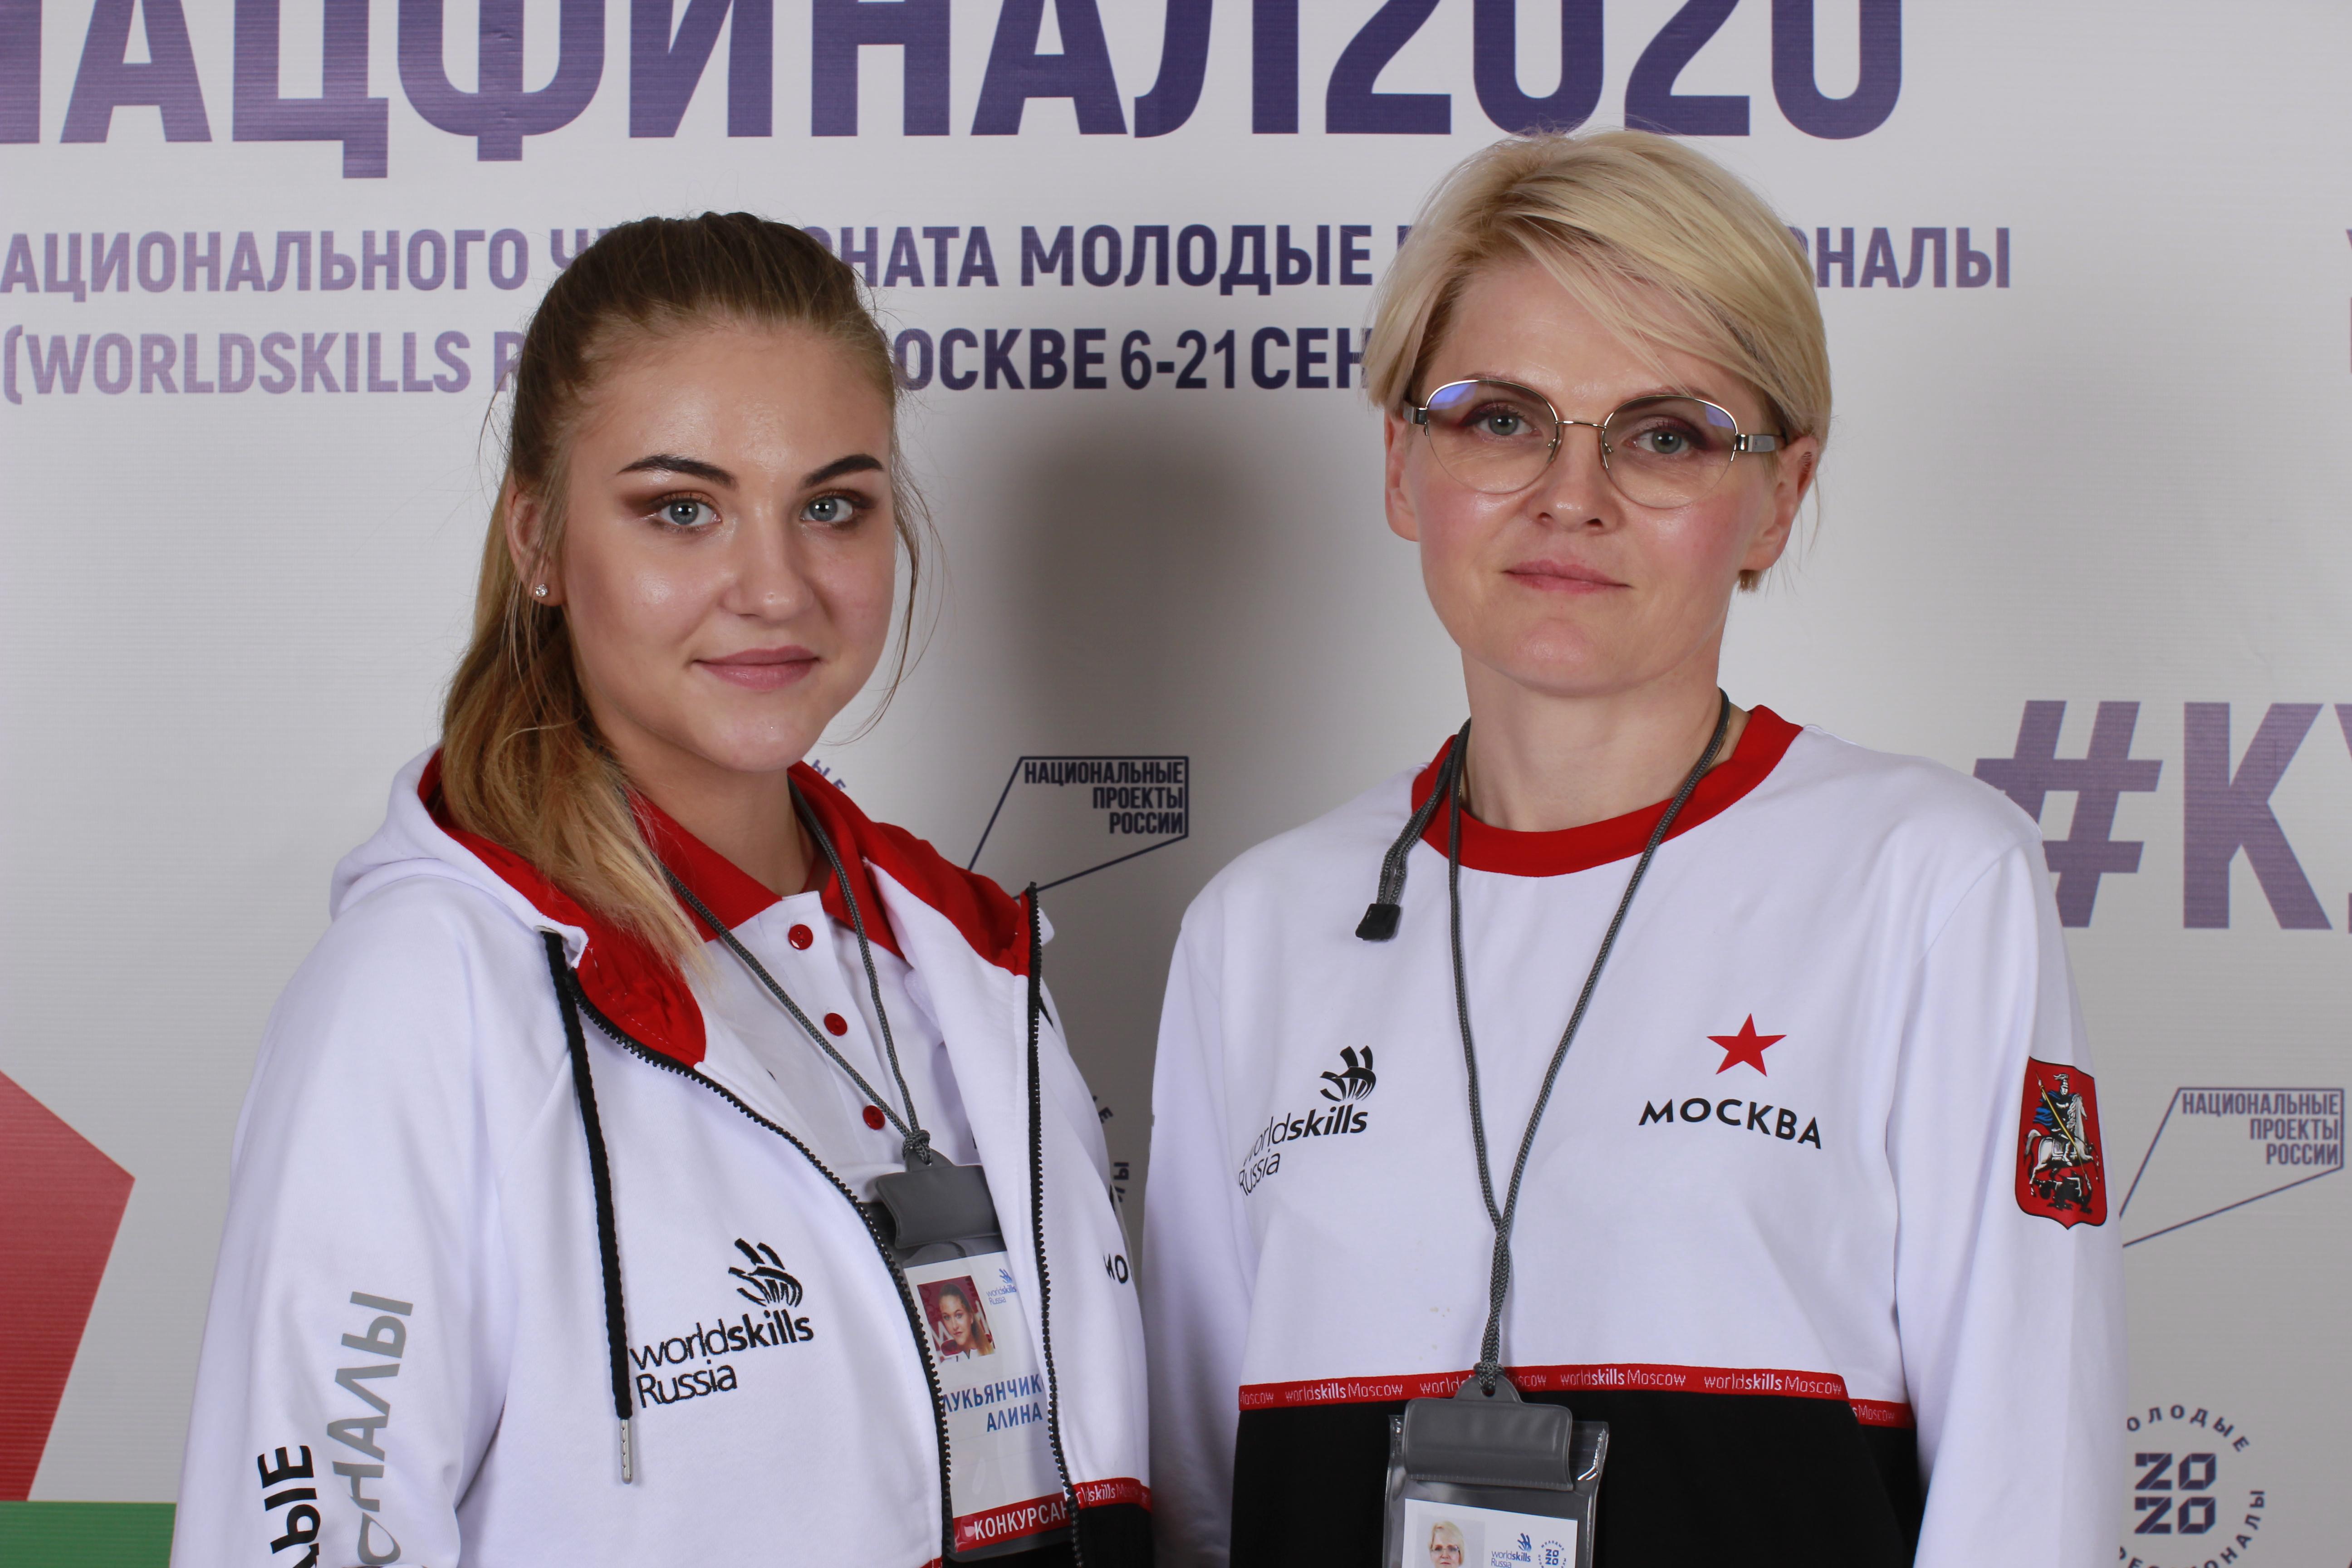 Команда Москвы завоевала серебро в национальном чемпионате